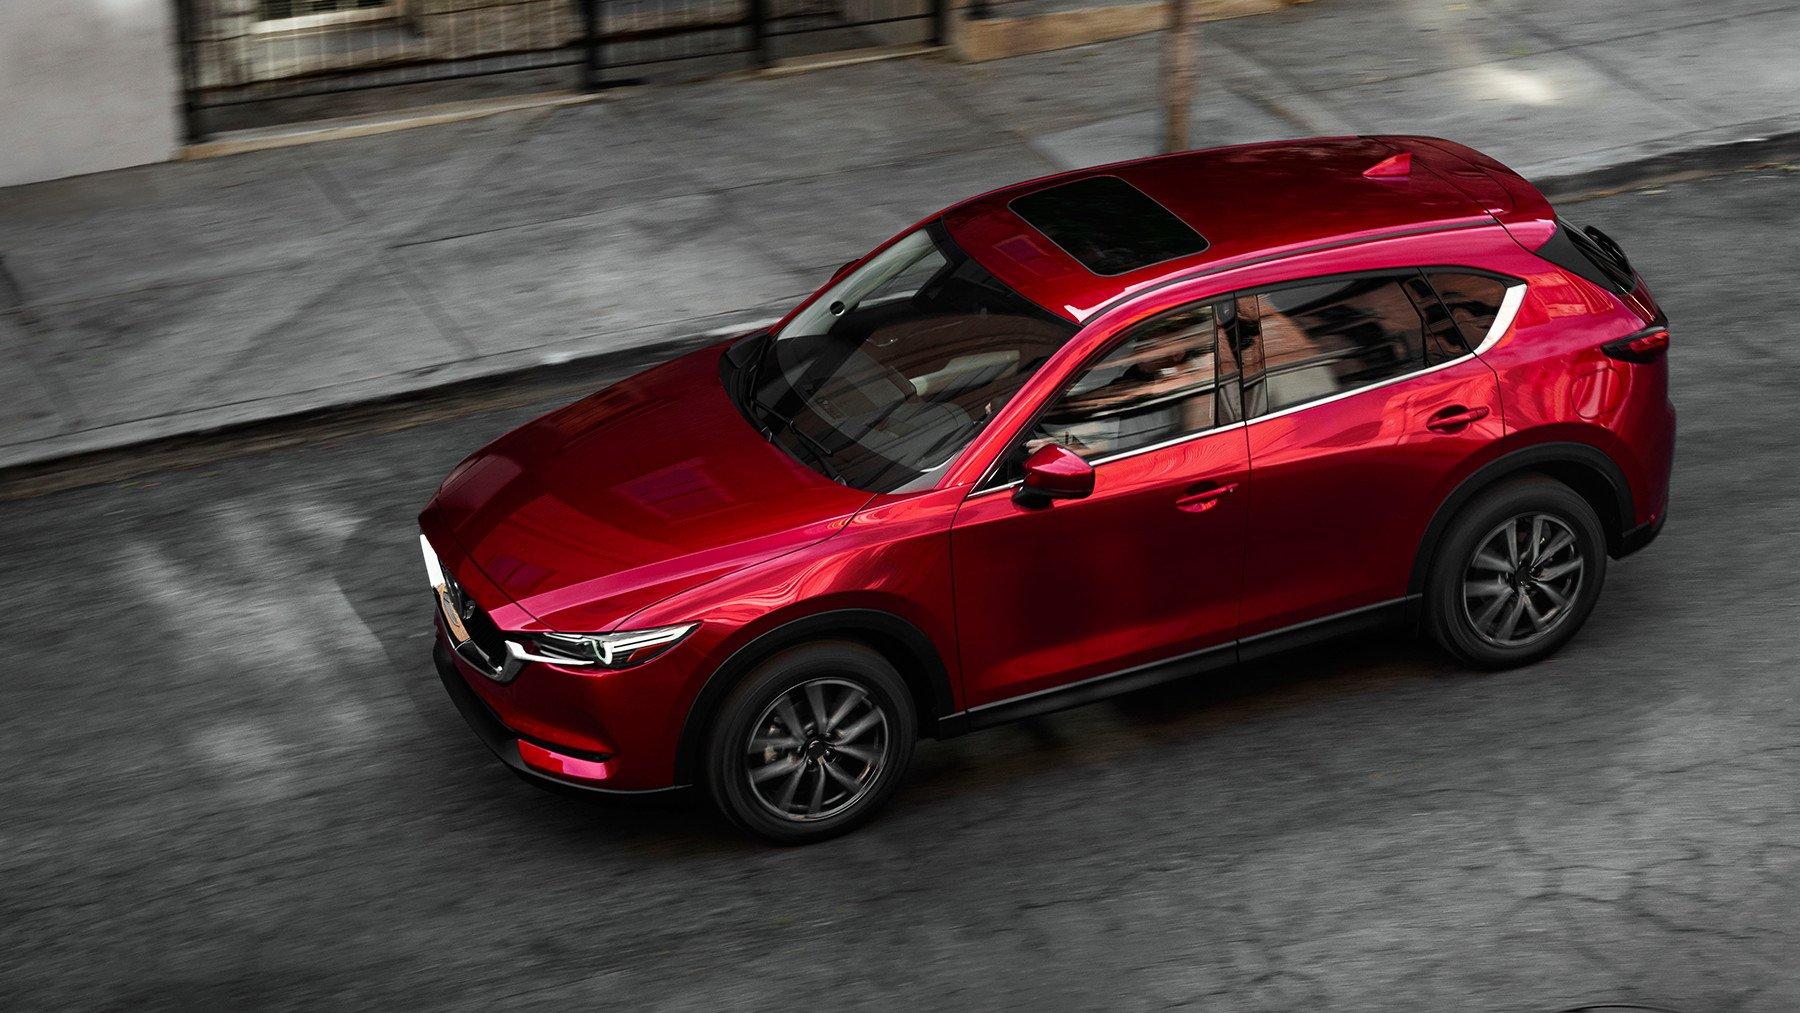 Mazda Cx 5 Lease Deals Specials Cicero Ny